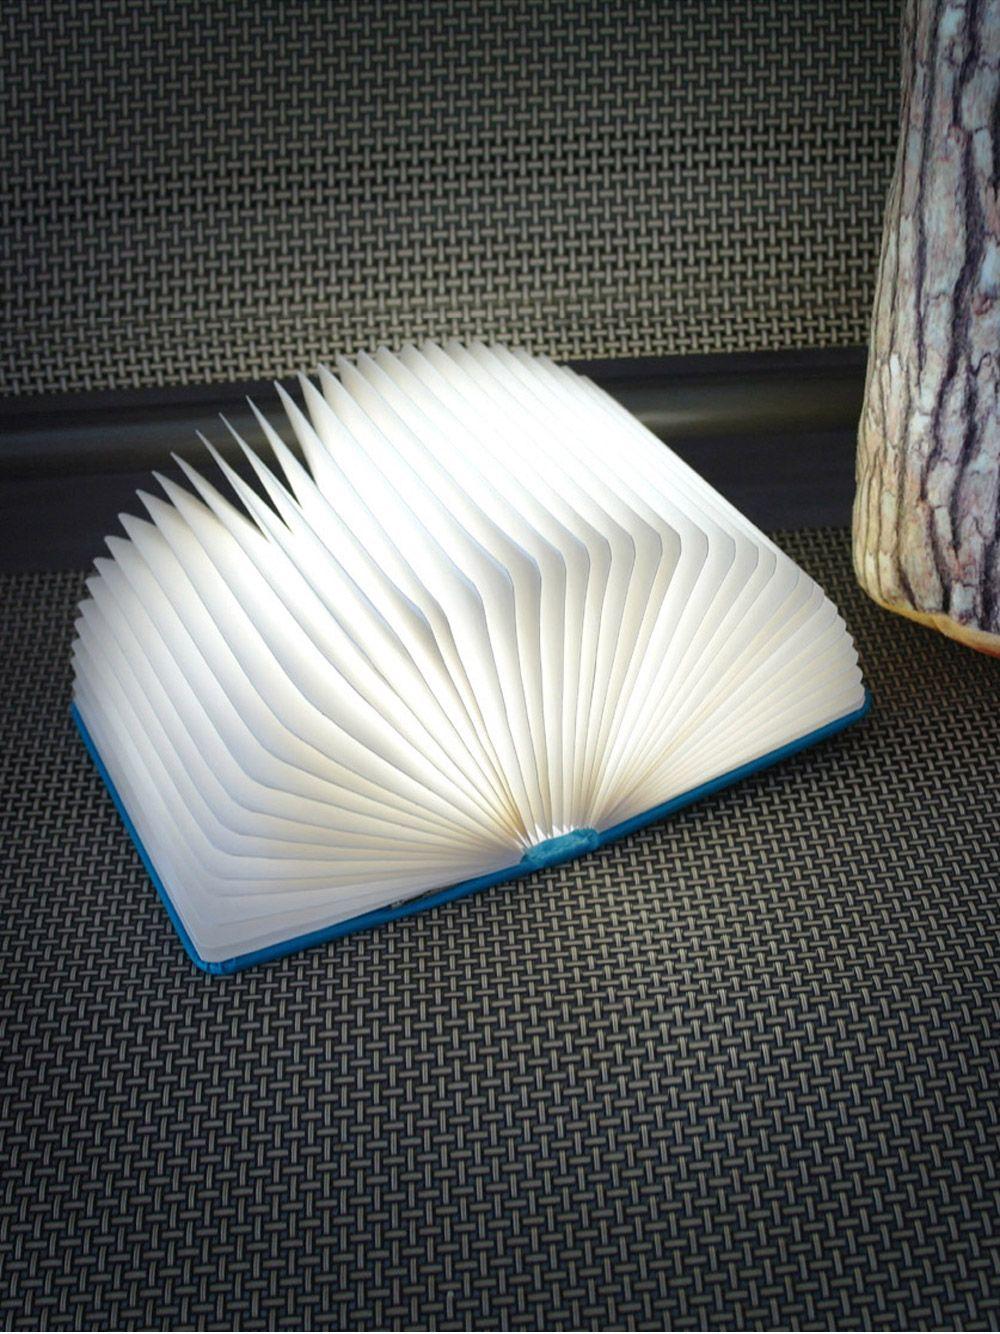 [아이디어펀] 펼치면 빛이나는 책모양 무드조명